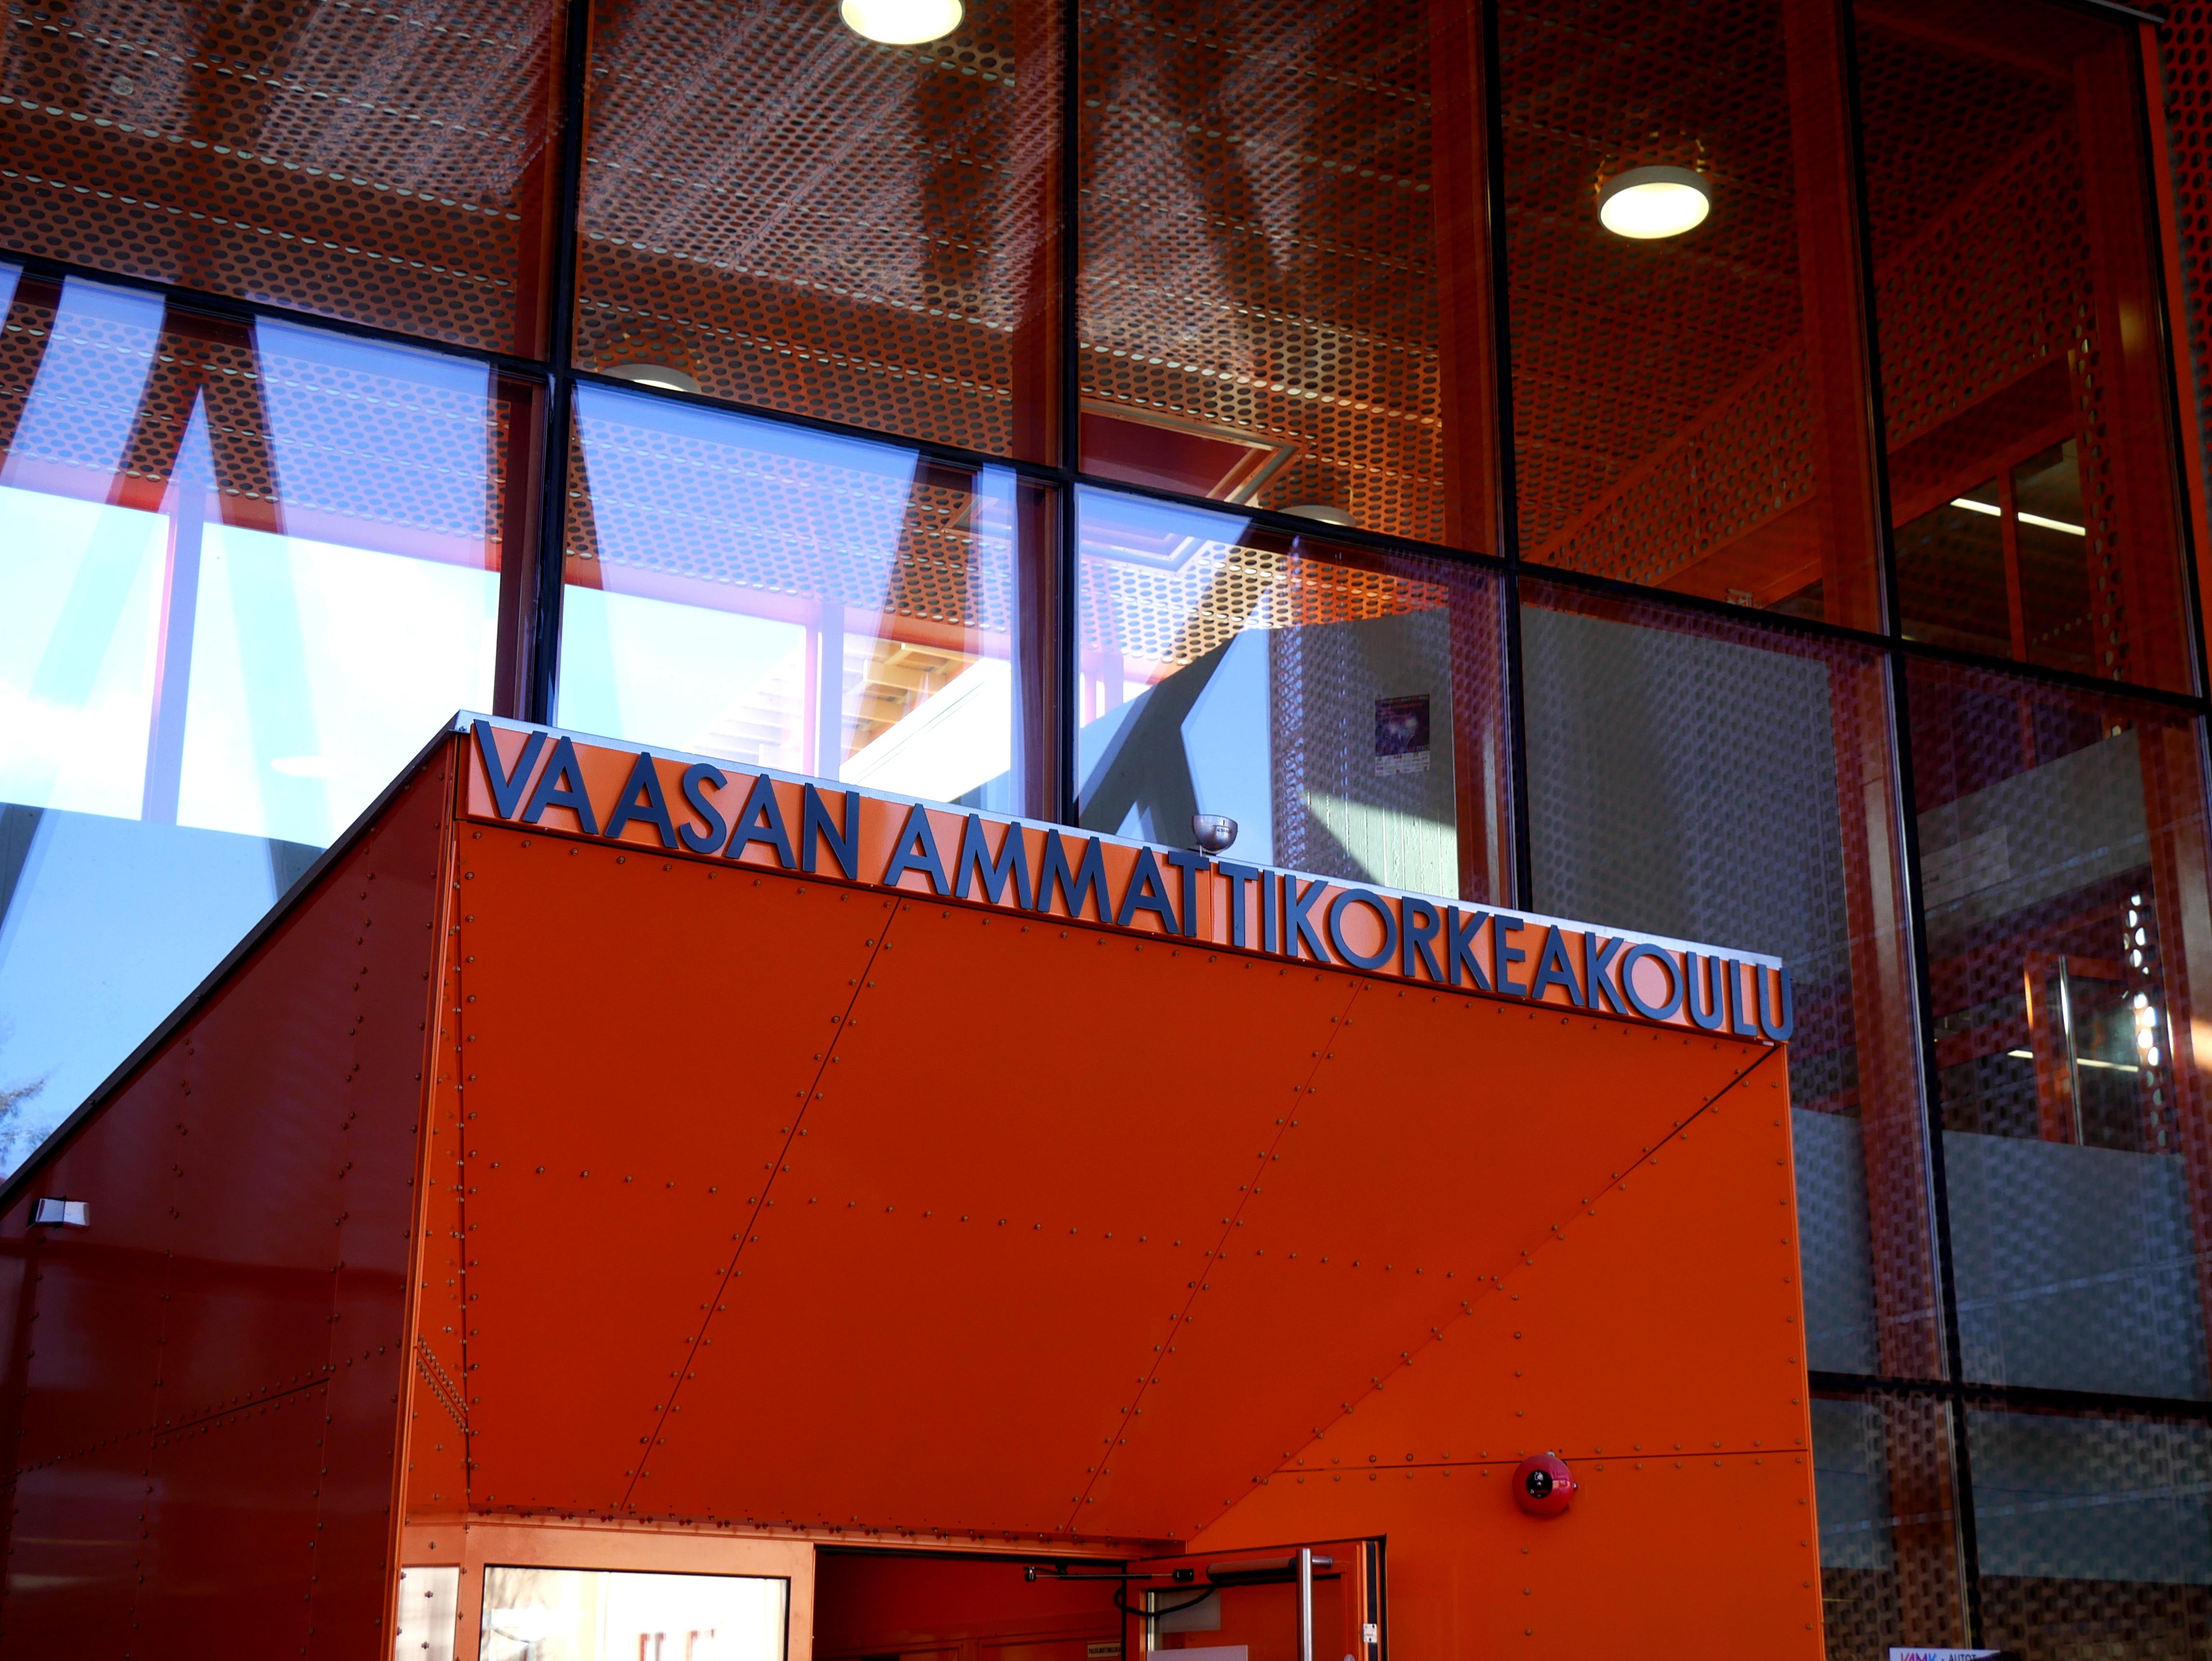 Vaasa Ammattikorkeakoulu